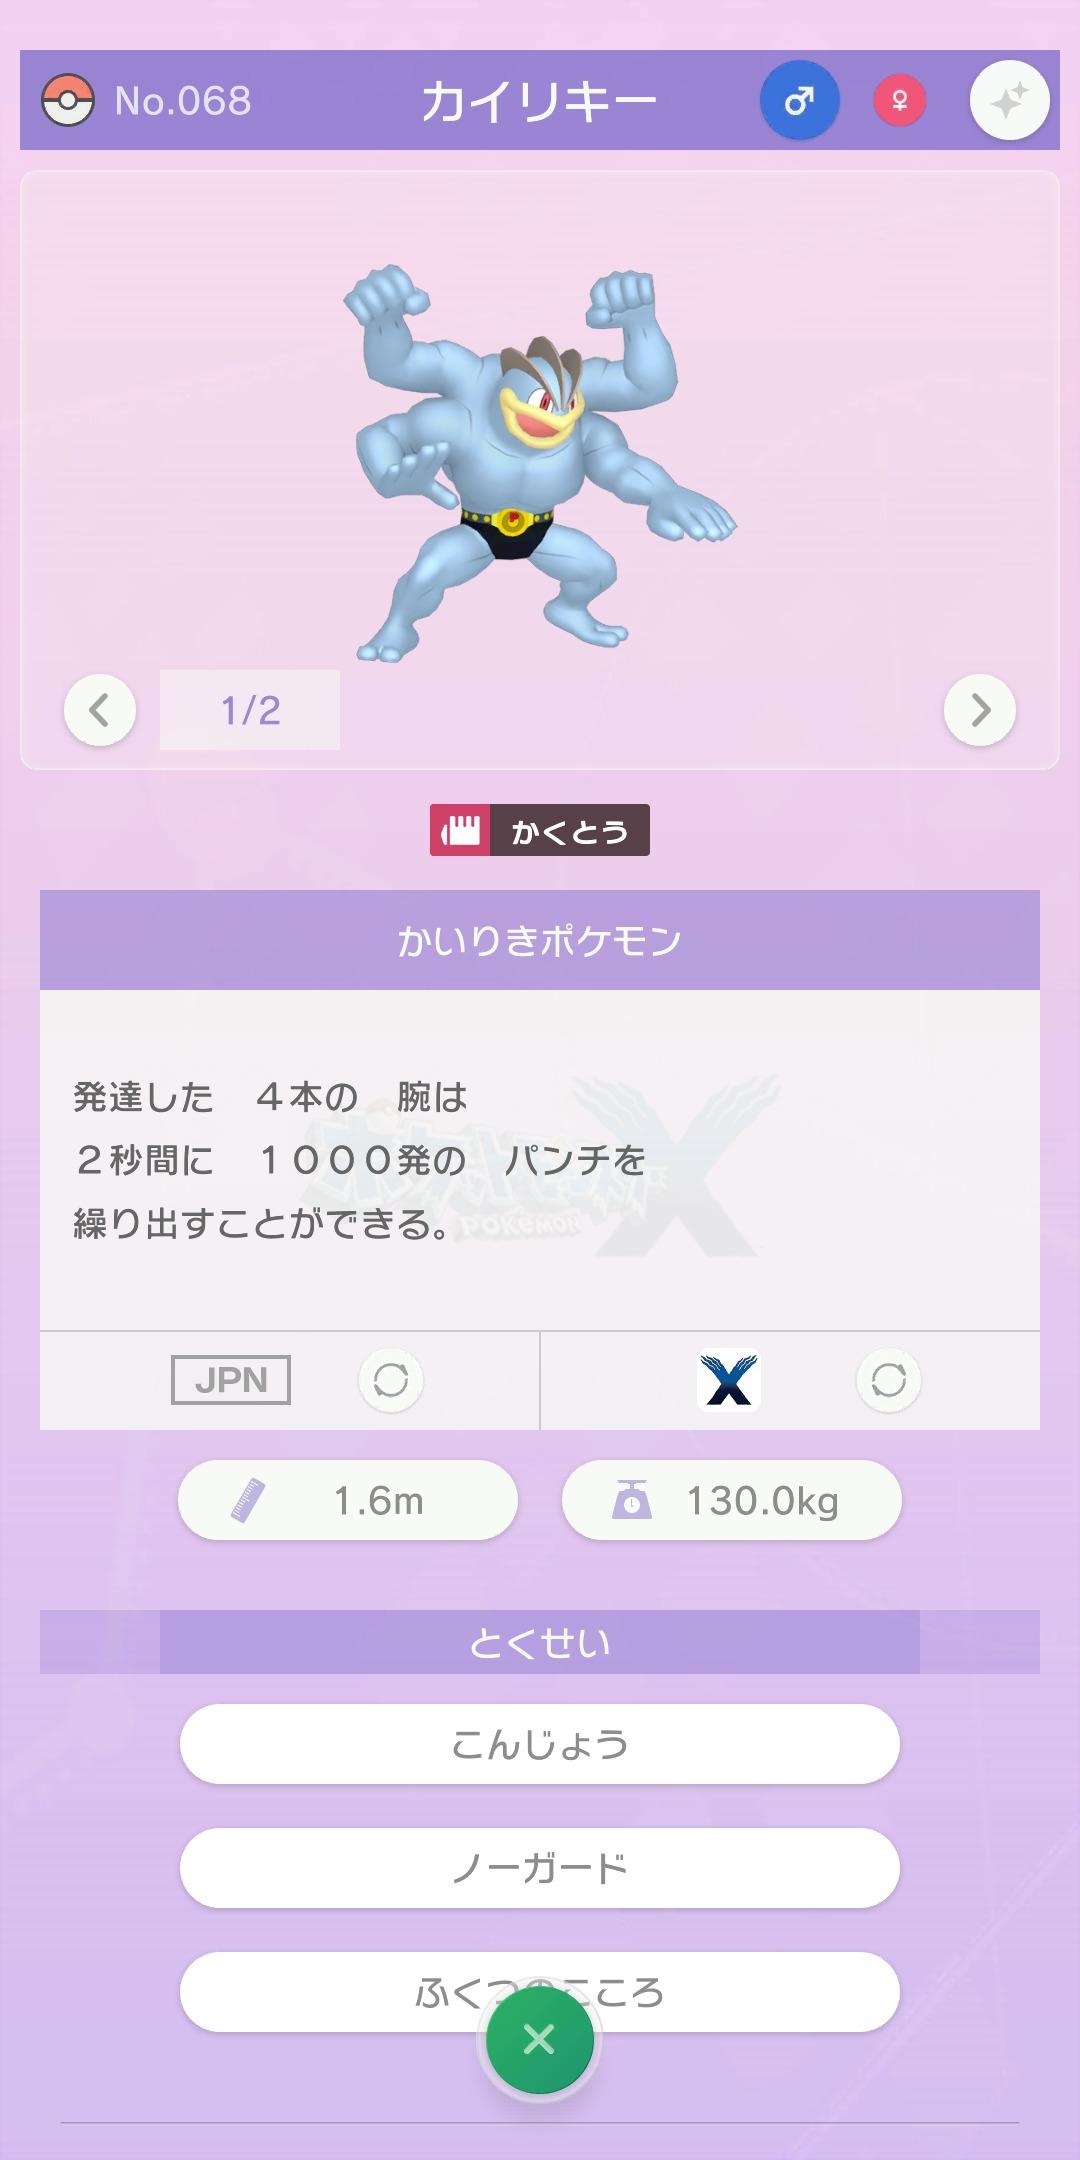 ポケモン図鑑2 (C)2020 Pokémon. (C)1995-2020 Nintendo/Creatures Inc. /GAME FREAK inc.